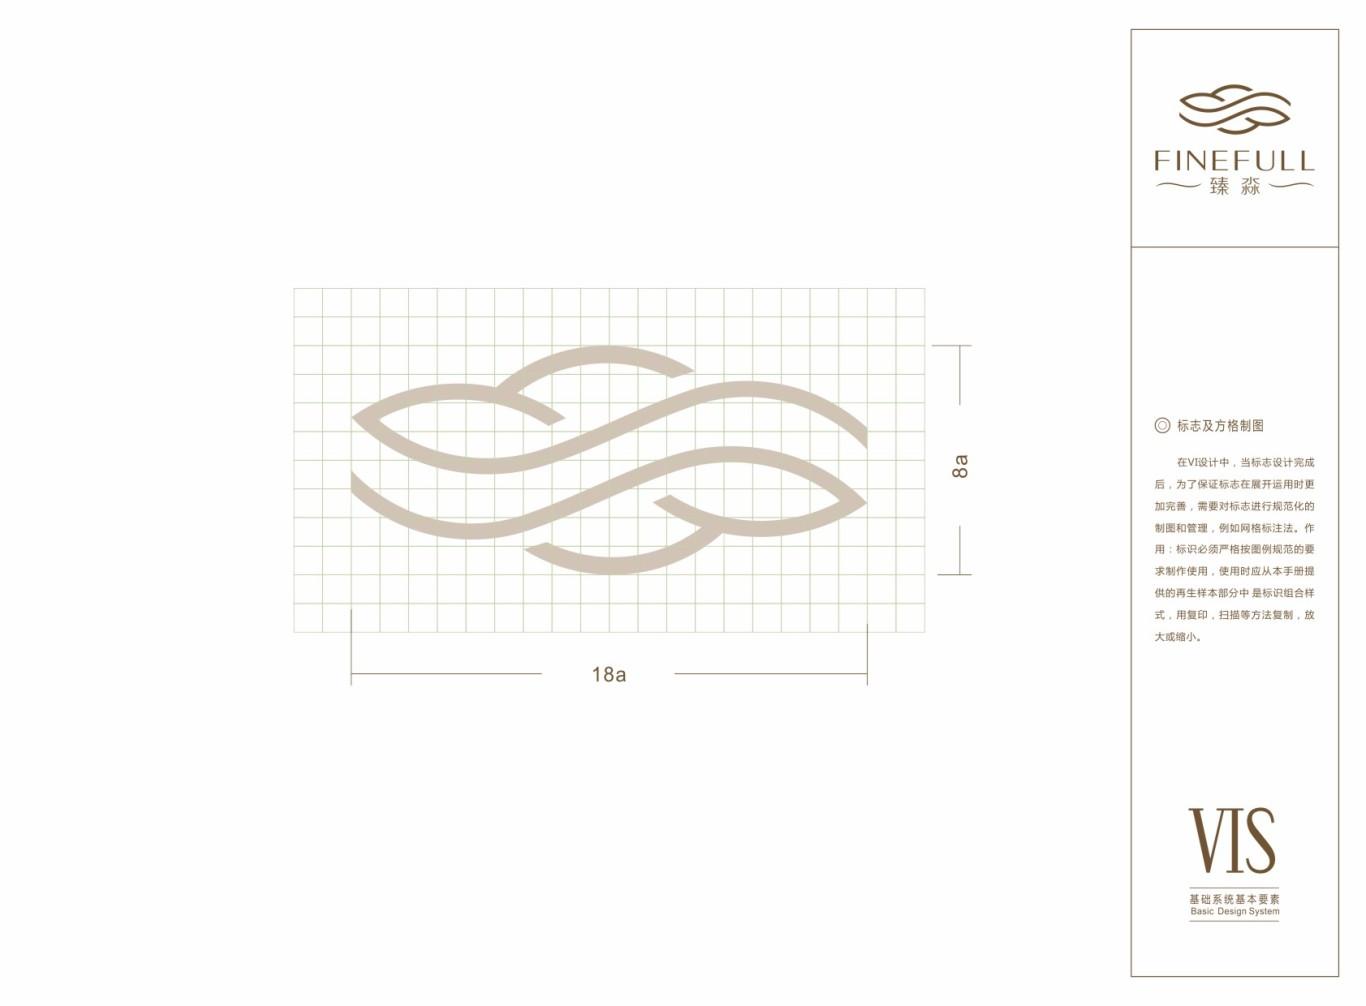 北京五星级FINEFULL-SPA水疗中心标志及VI设计图3